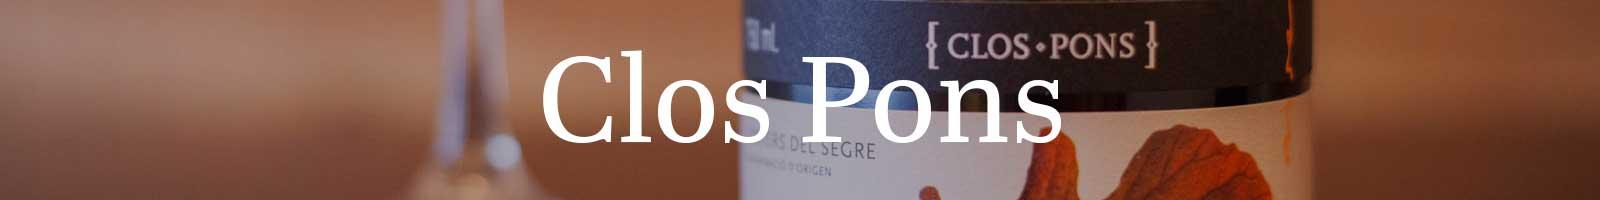 Clos Pons - Essential Winemaker of Spain